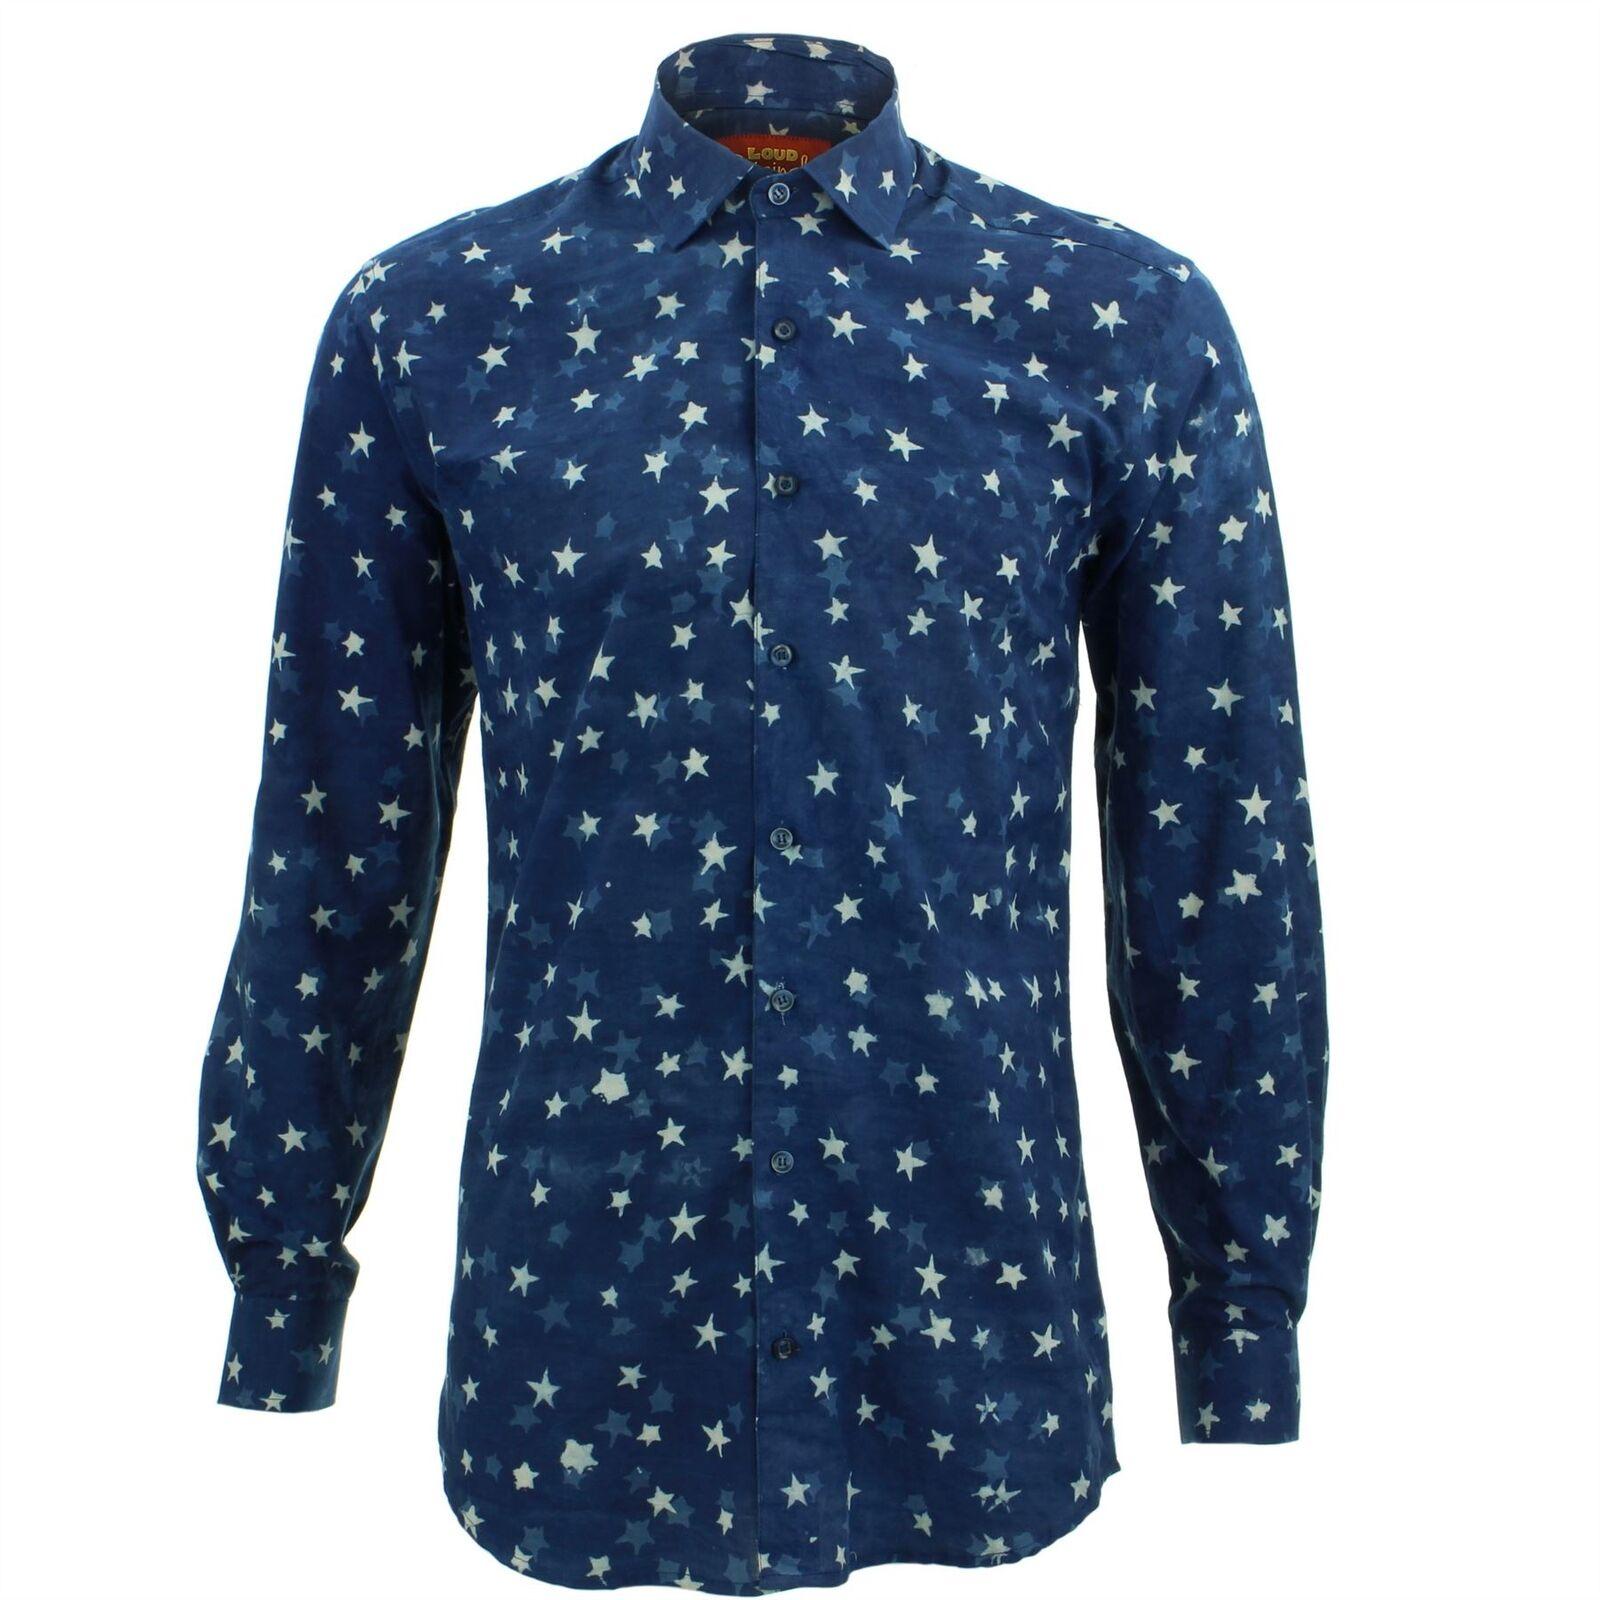 Camicia Camicia Camicia da Uomo Loud Originals Fatto su Misura Astratto Blu Rétro Psichedelico 39042b